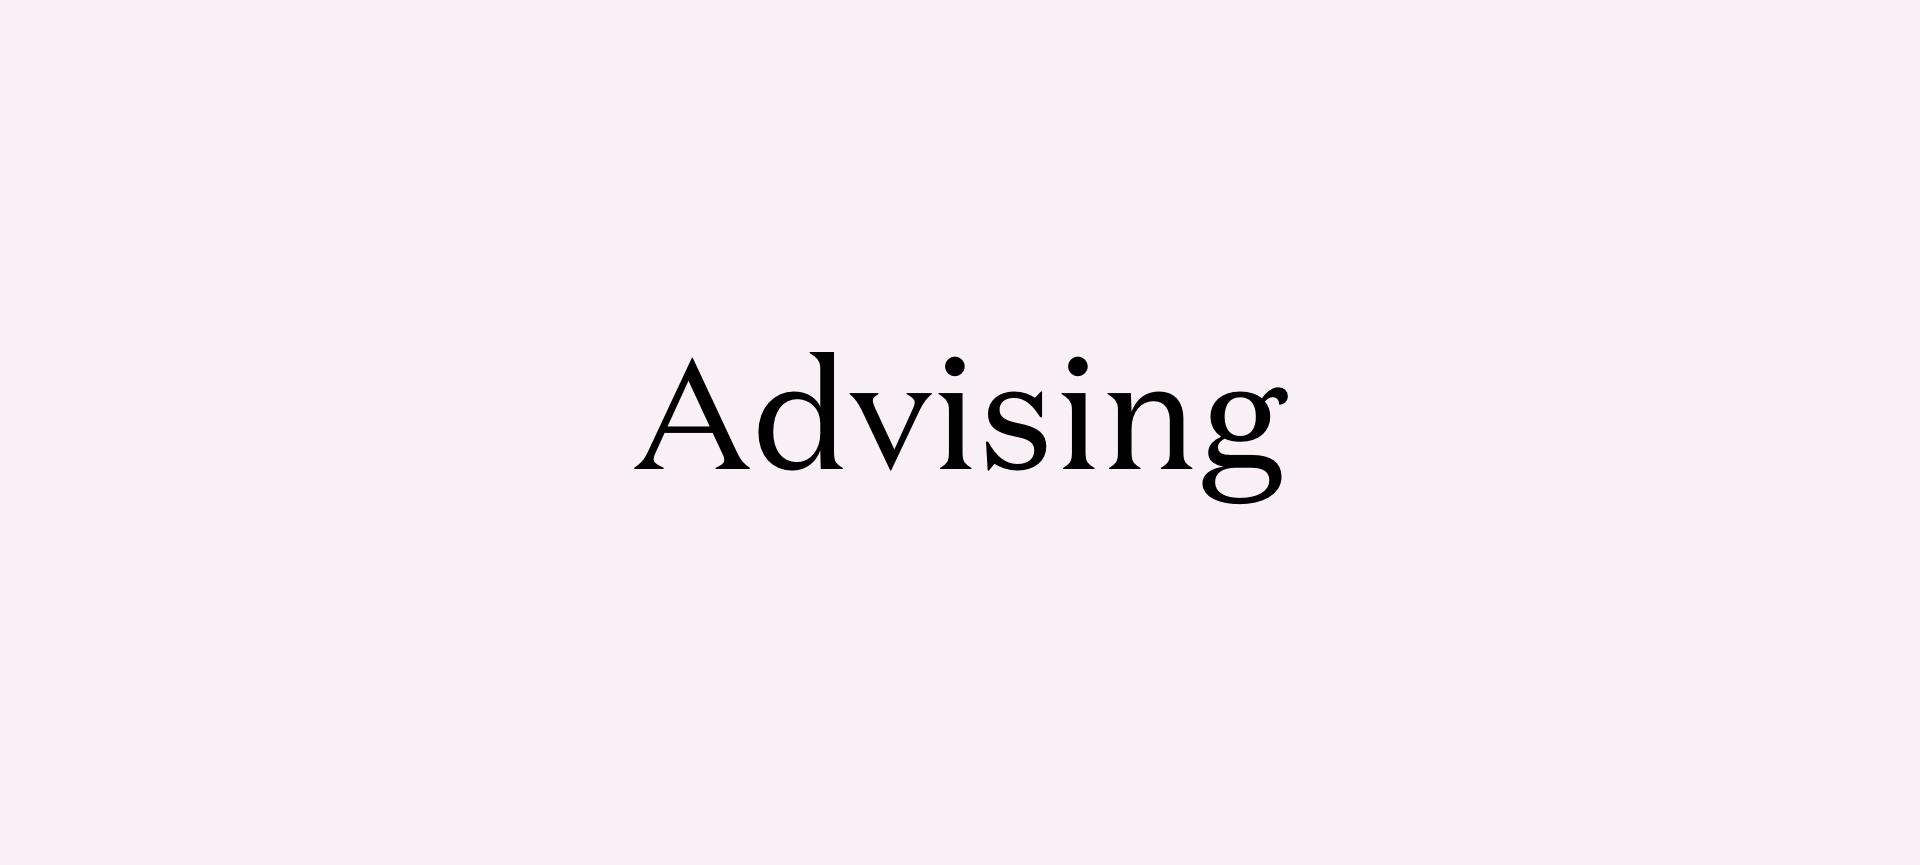 Hemsidan_Advising_1.jpg